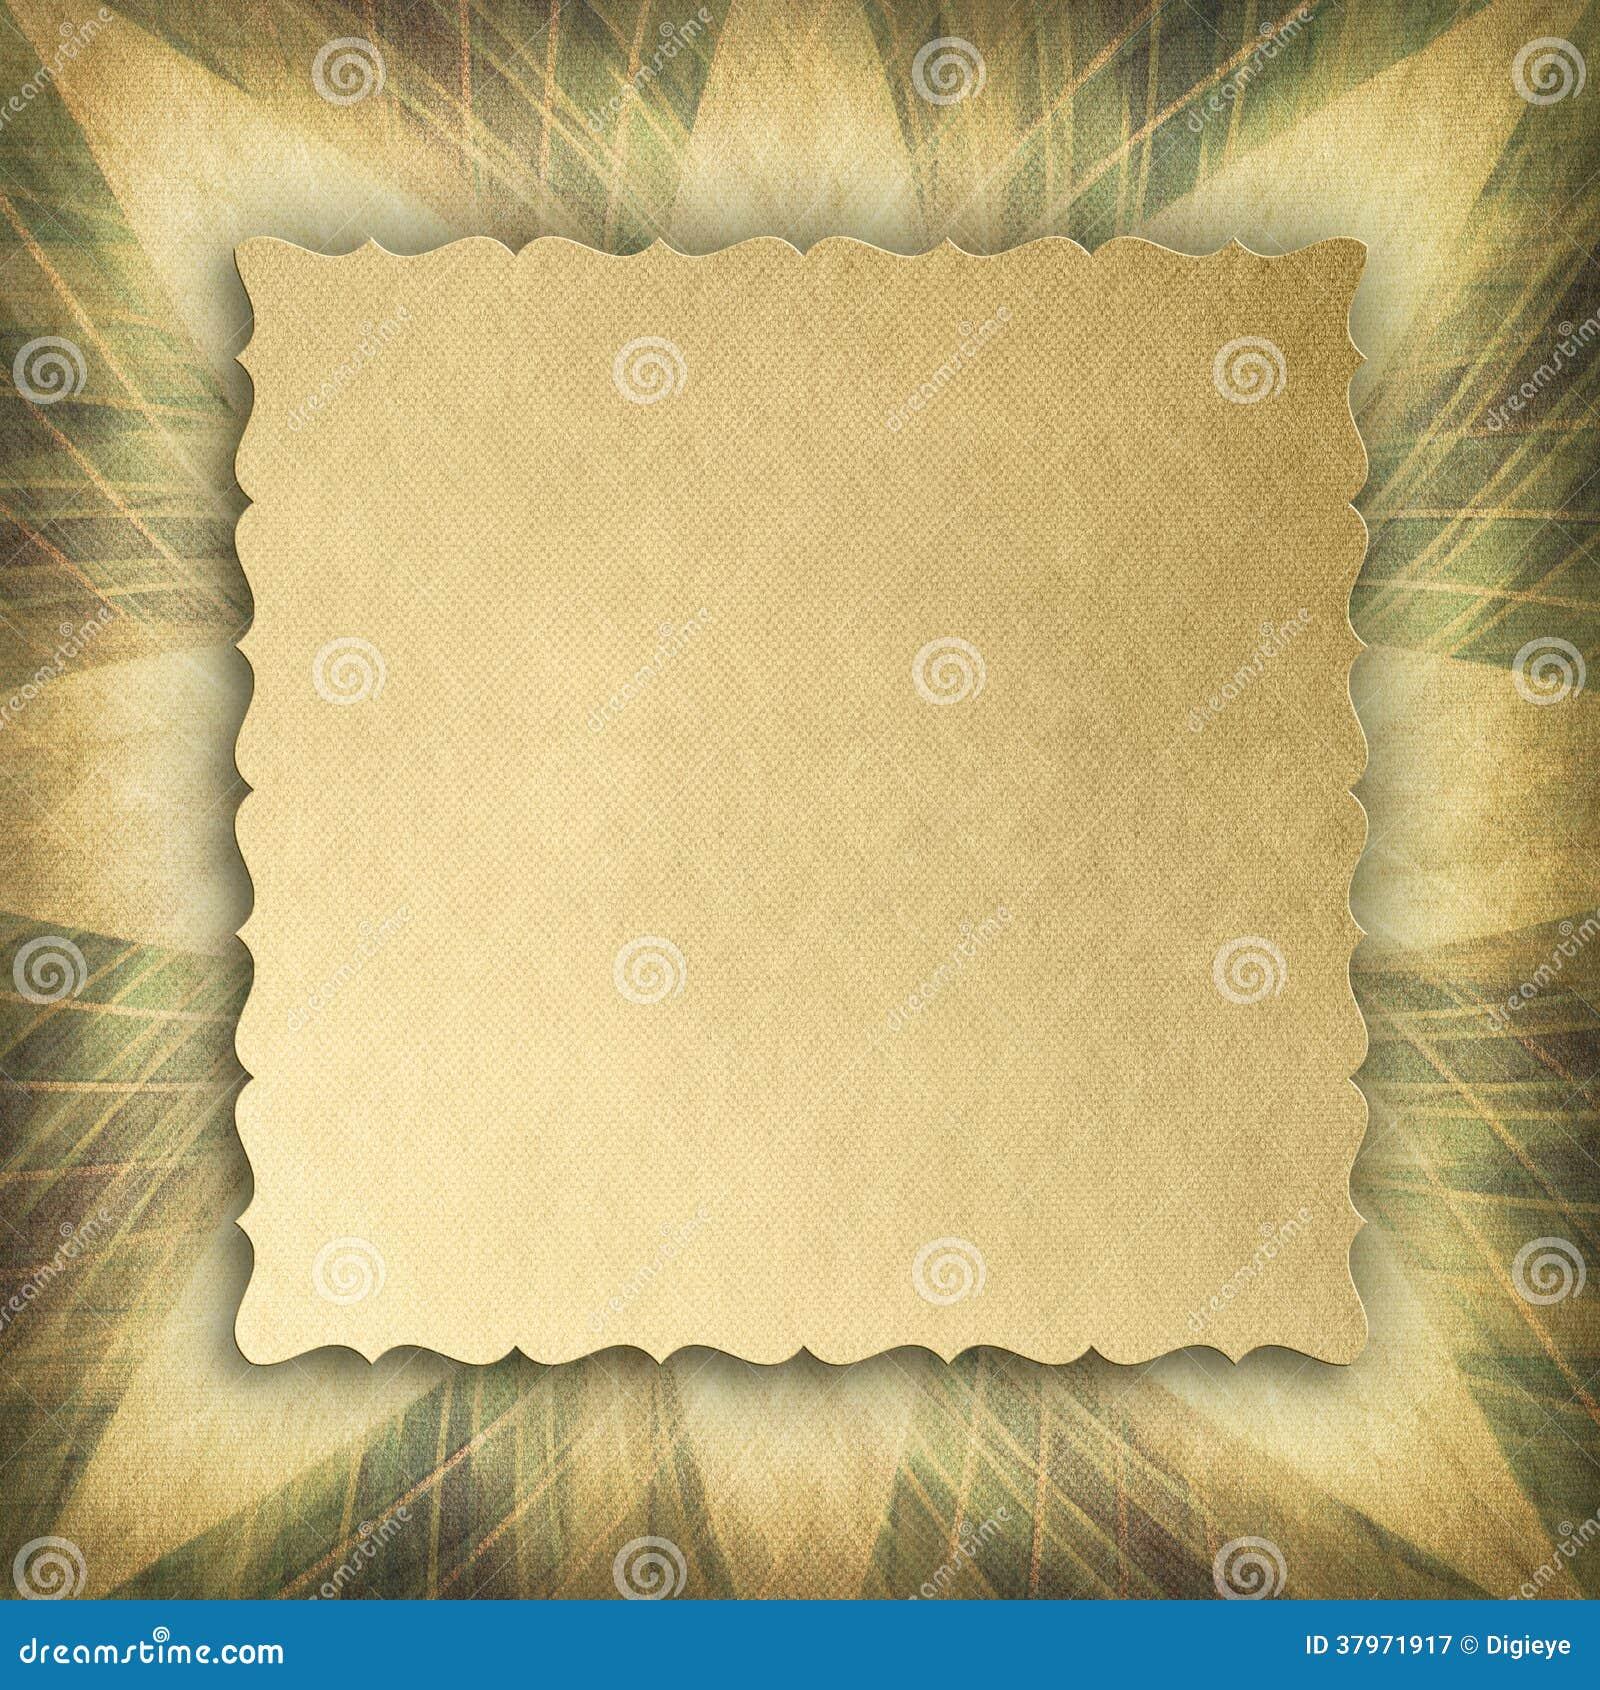 Document blad op samenvatting gevormde achtergrond